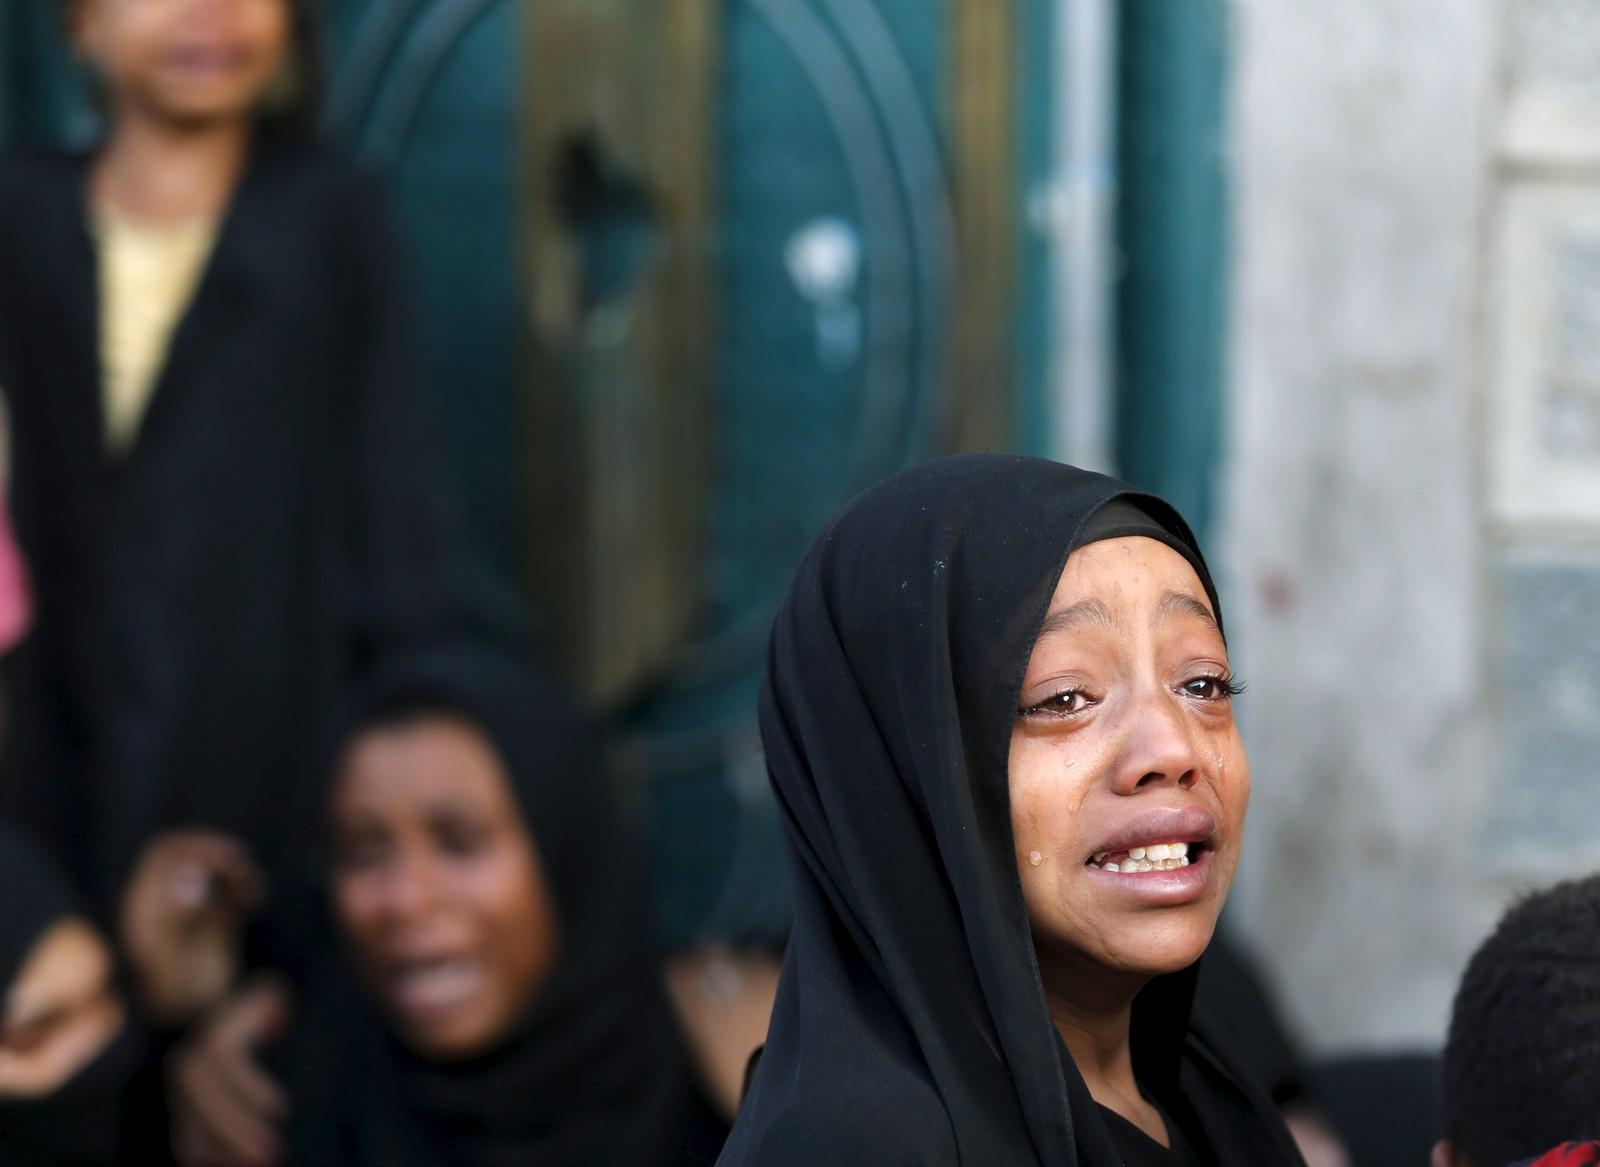 Ei jente sørger over faren, som ble drept i et bombeangrep i Jemens hovedstad Sanaa. 21 sivile skal ha blitt drept, fortalte de etterlatte til Reuters. Angrepet skjedde mandag morgen, til tross for at en våpenhvile skulle startet lørdag.